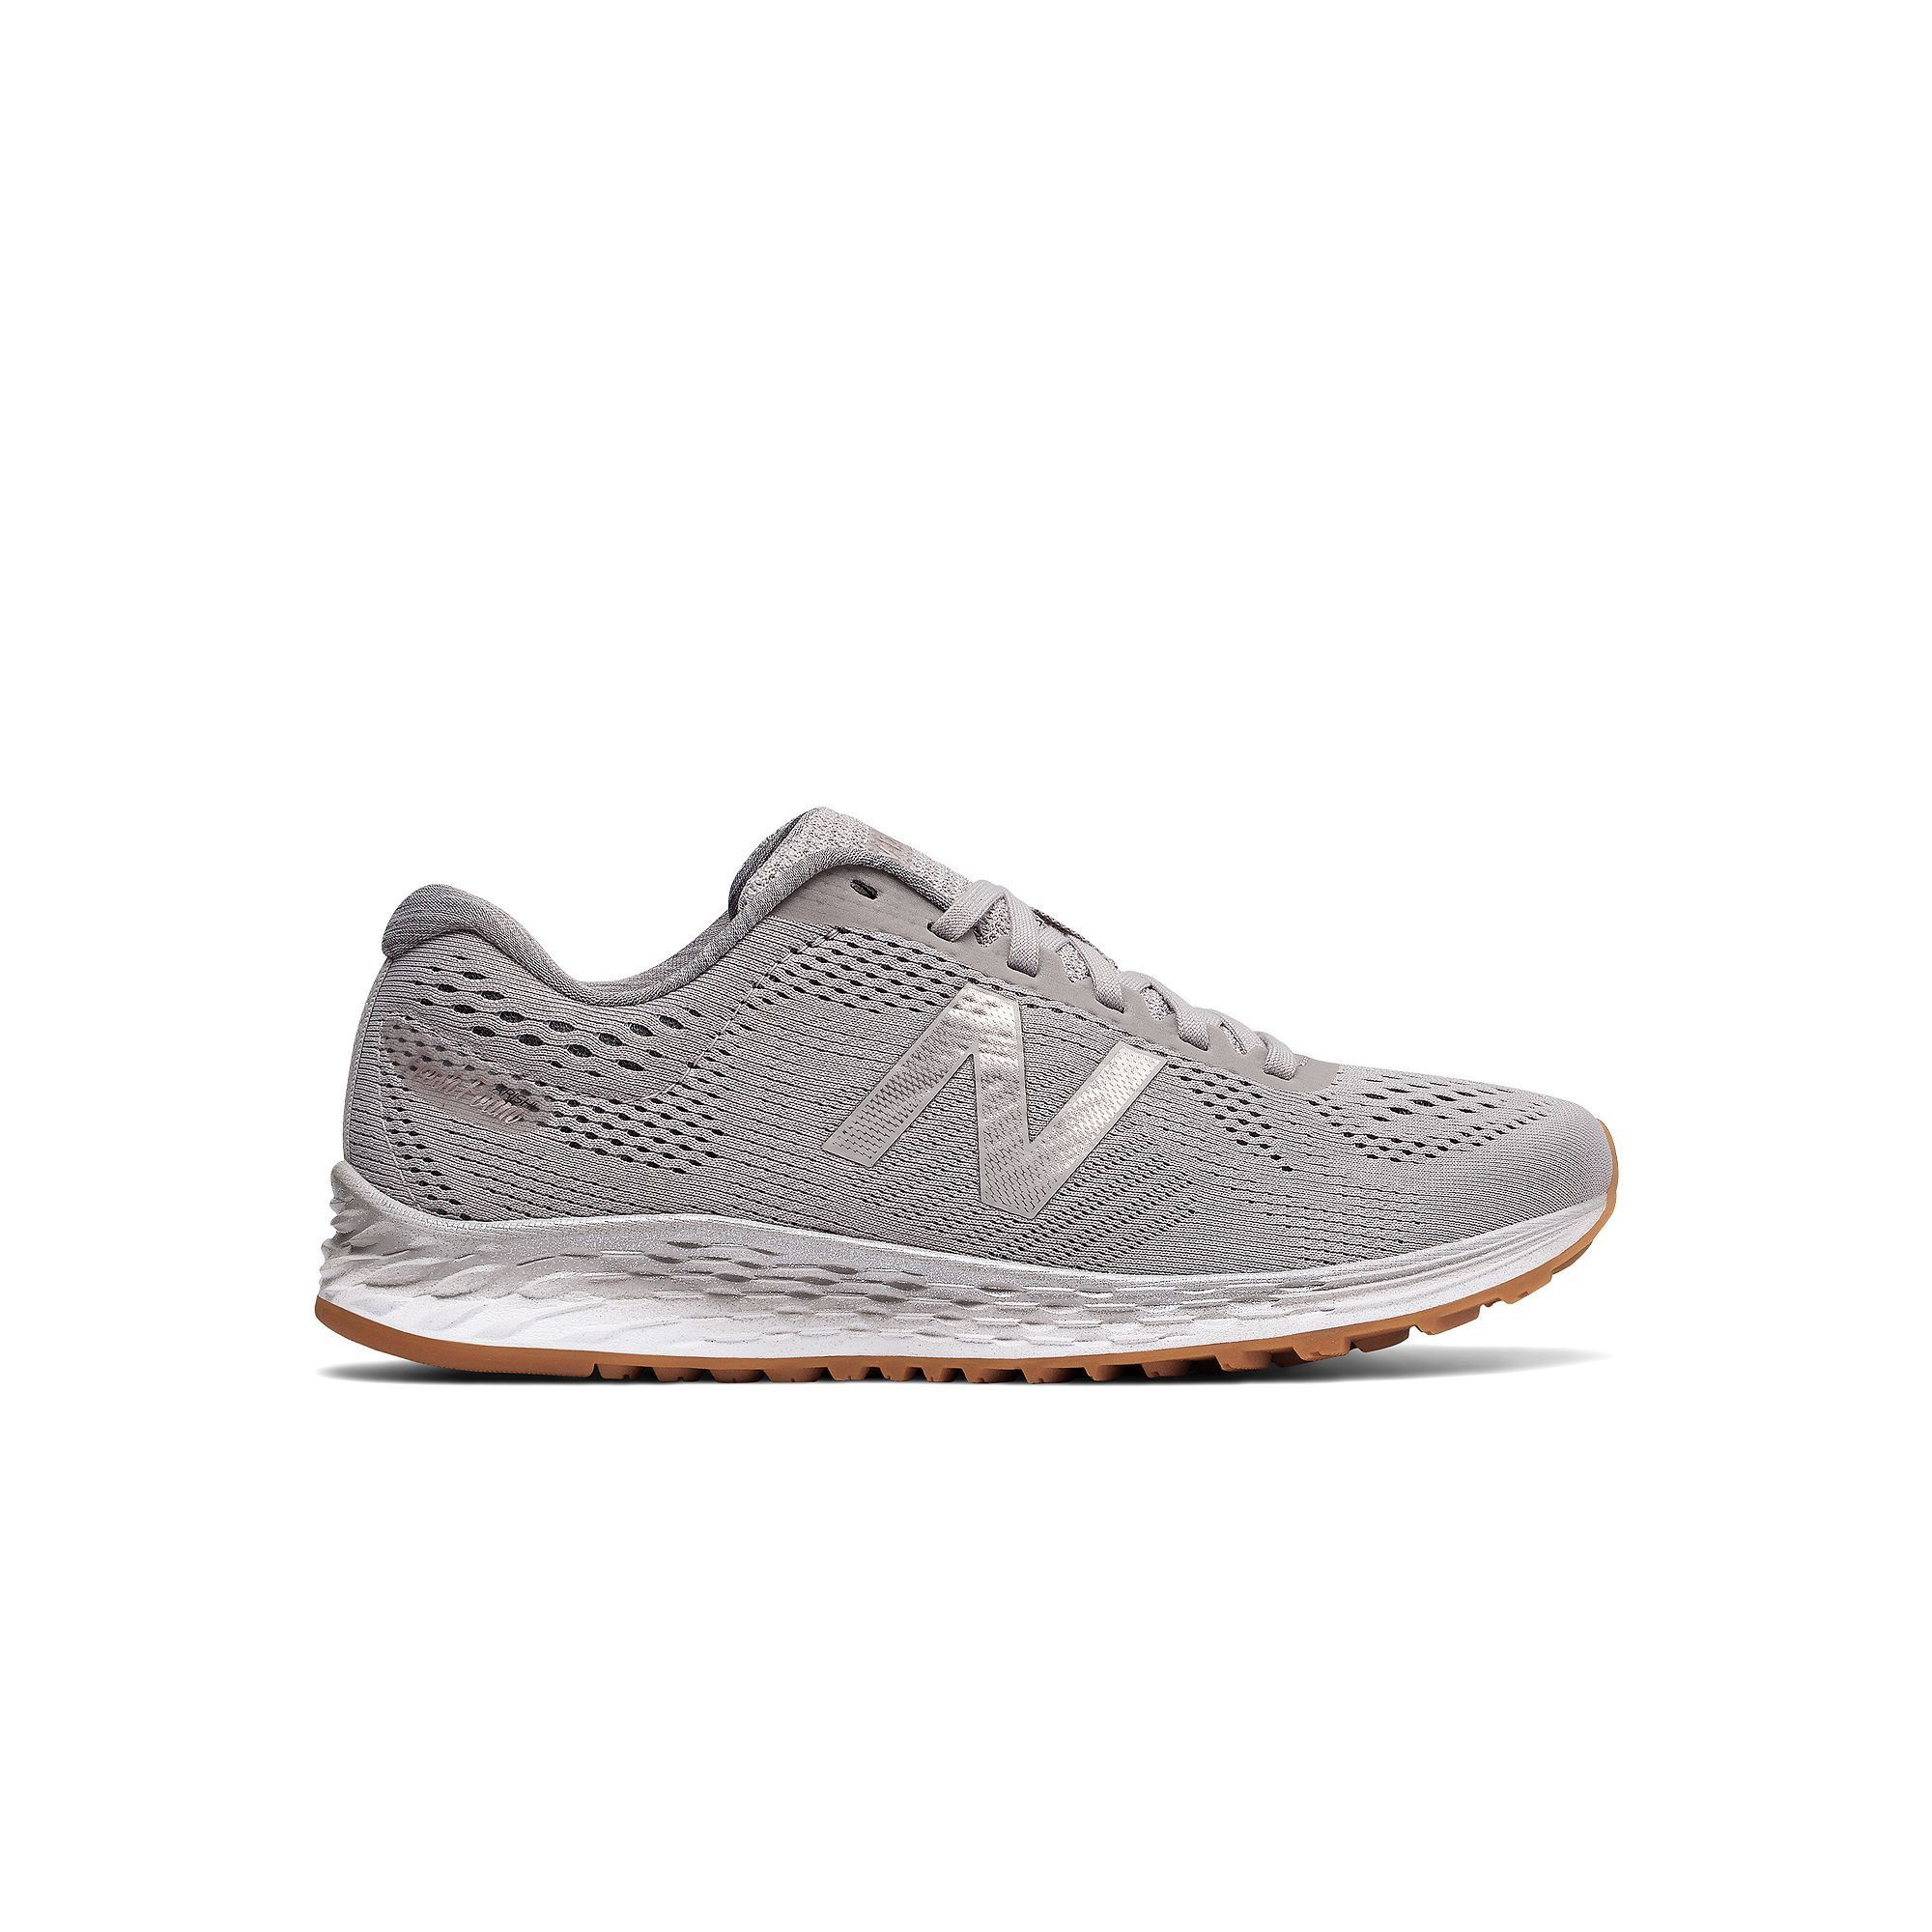 New Balance Fresh Foam Arishi Women's Running Shoes